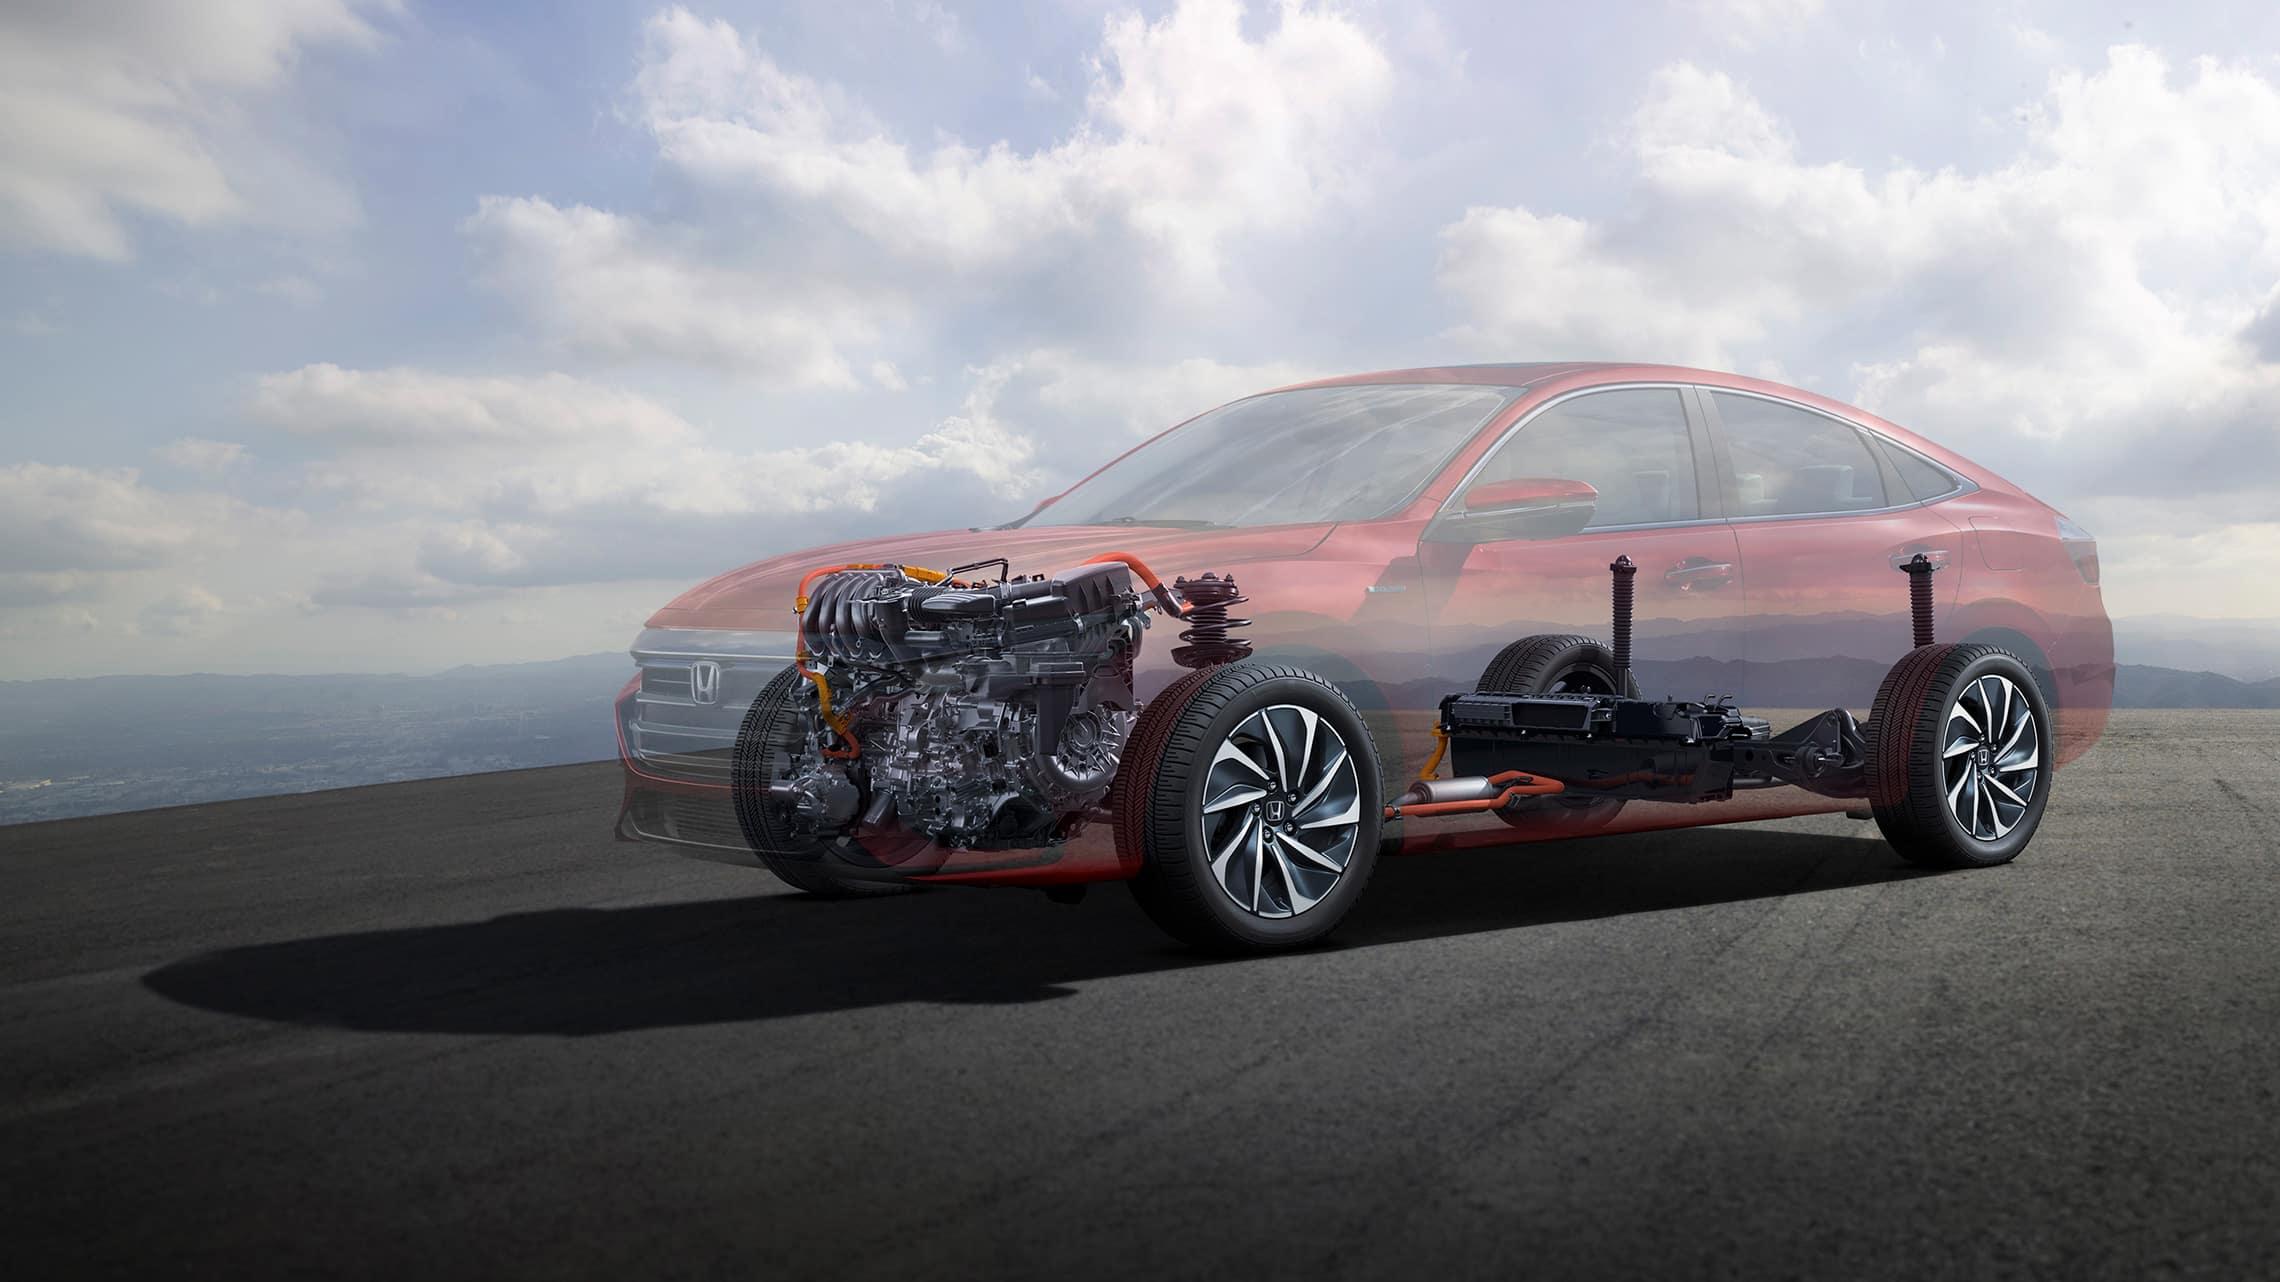 Vista frontal desde el lado del conductor del detalle del chasis, motor y tren impulsor del Honda Insight Touring2021.